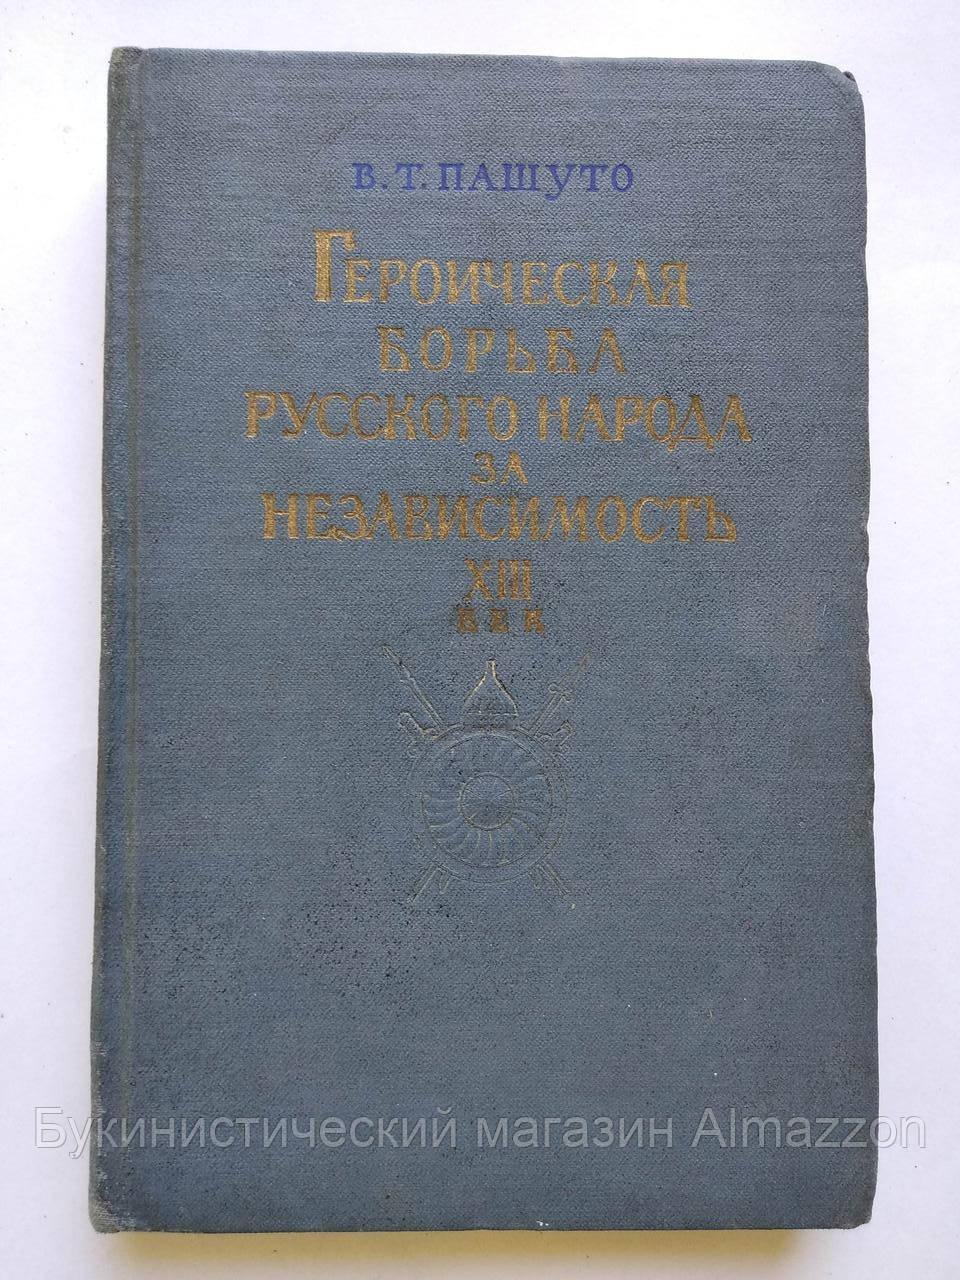 Ст. Пашуто Героїчна боротьба російського народу за незалежність. 13-е століття